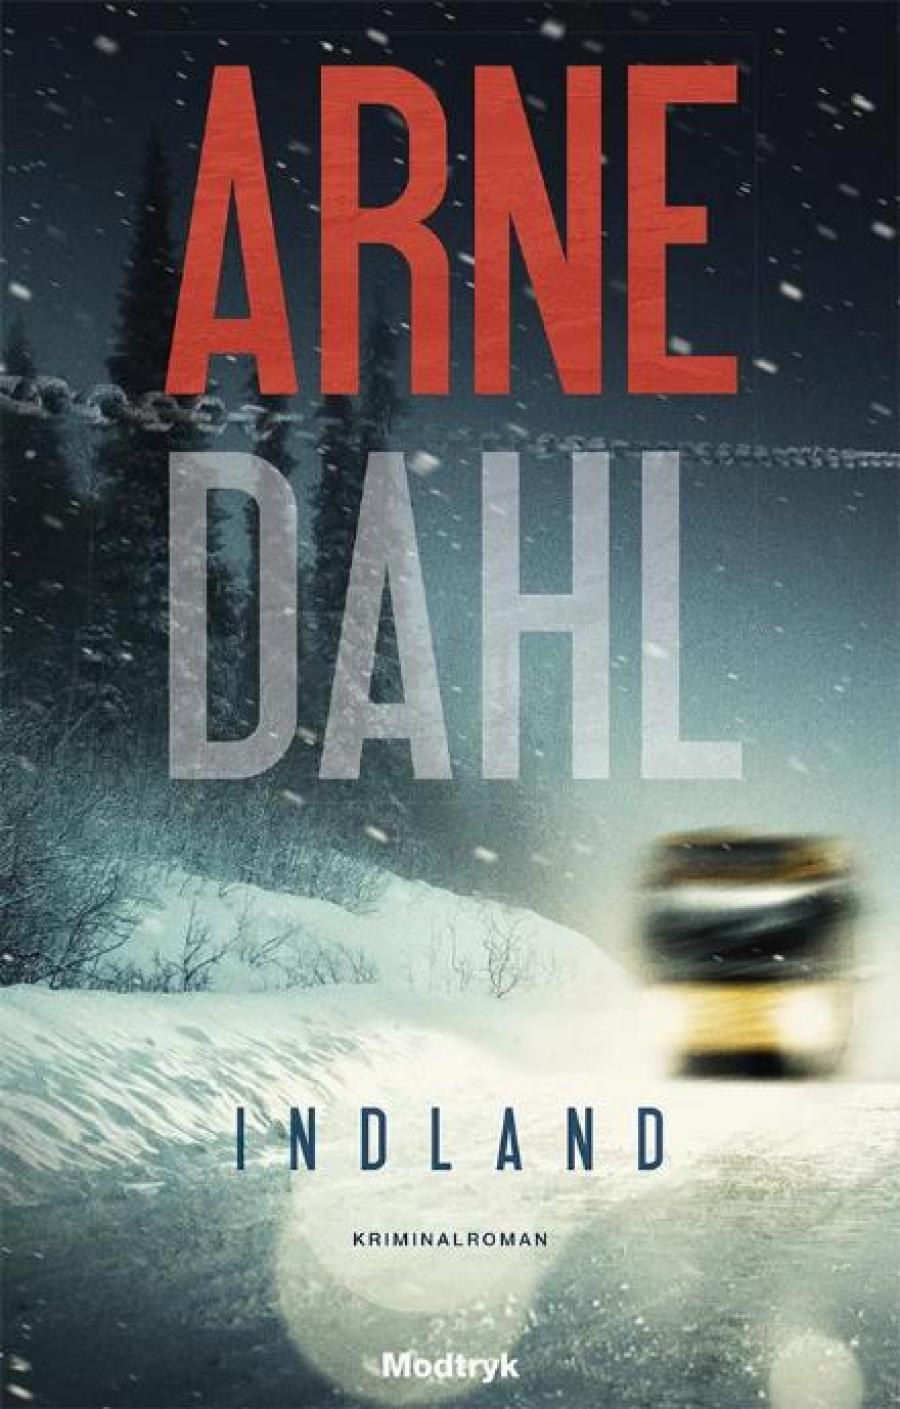 Bettina anbefaler Indland af Arne Dahl